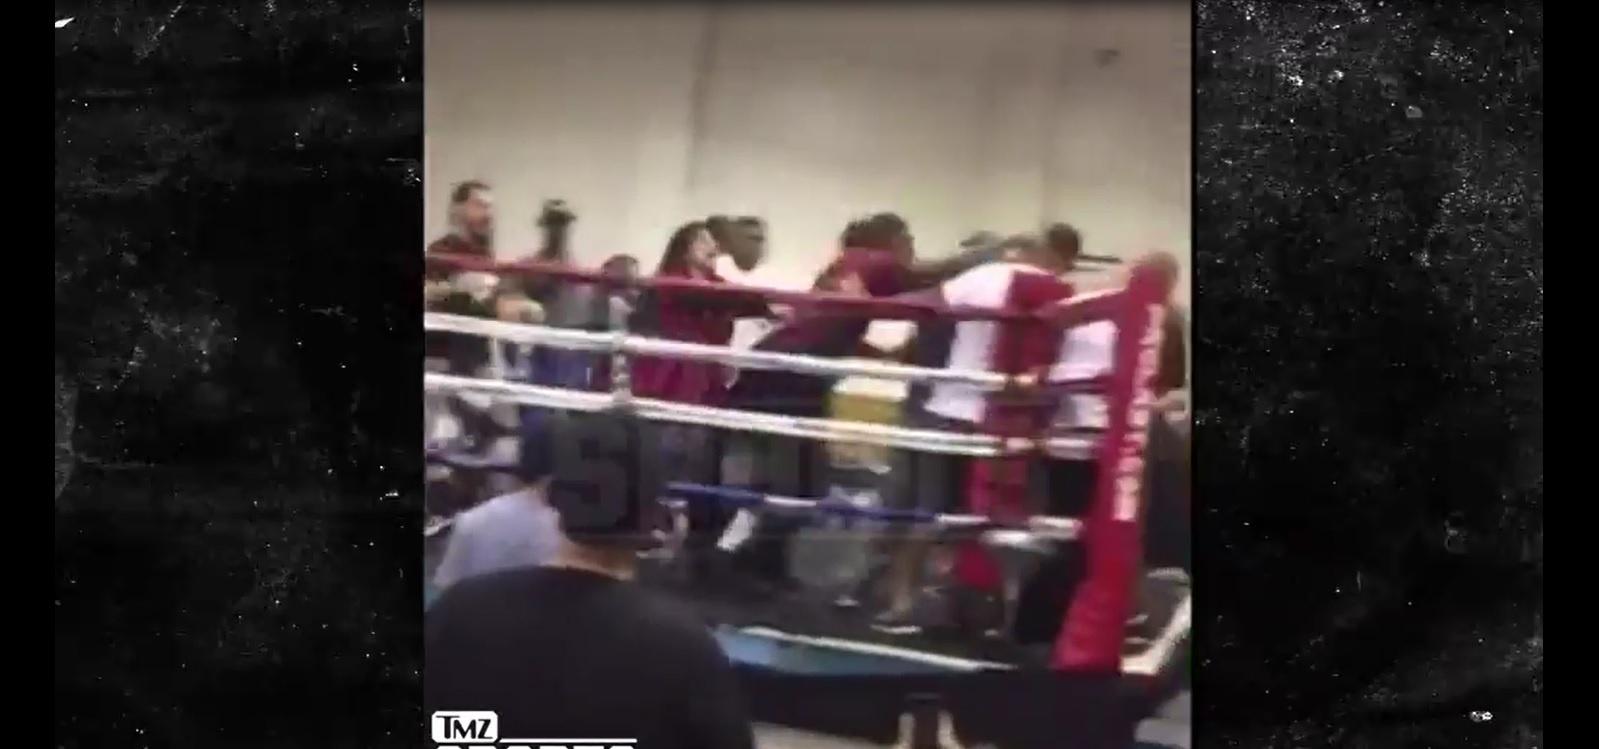 Evento de boxe amador realizado nos EUA termina em pancadaria